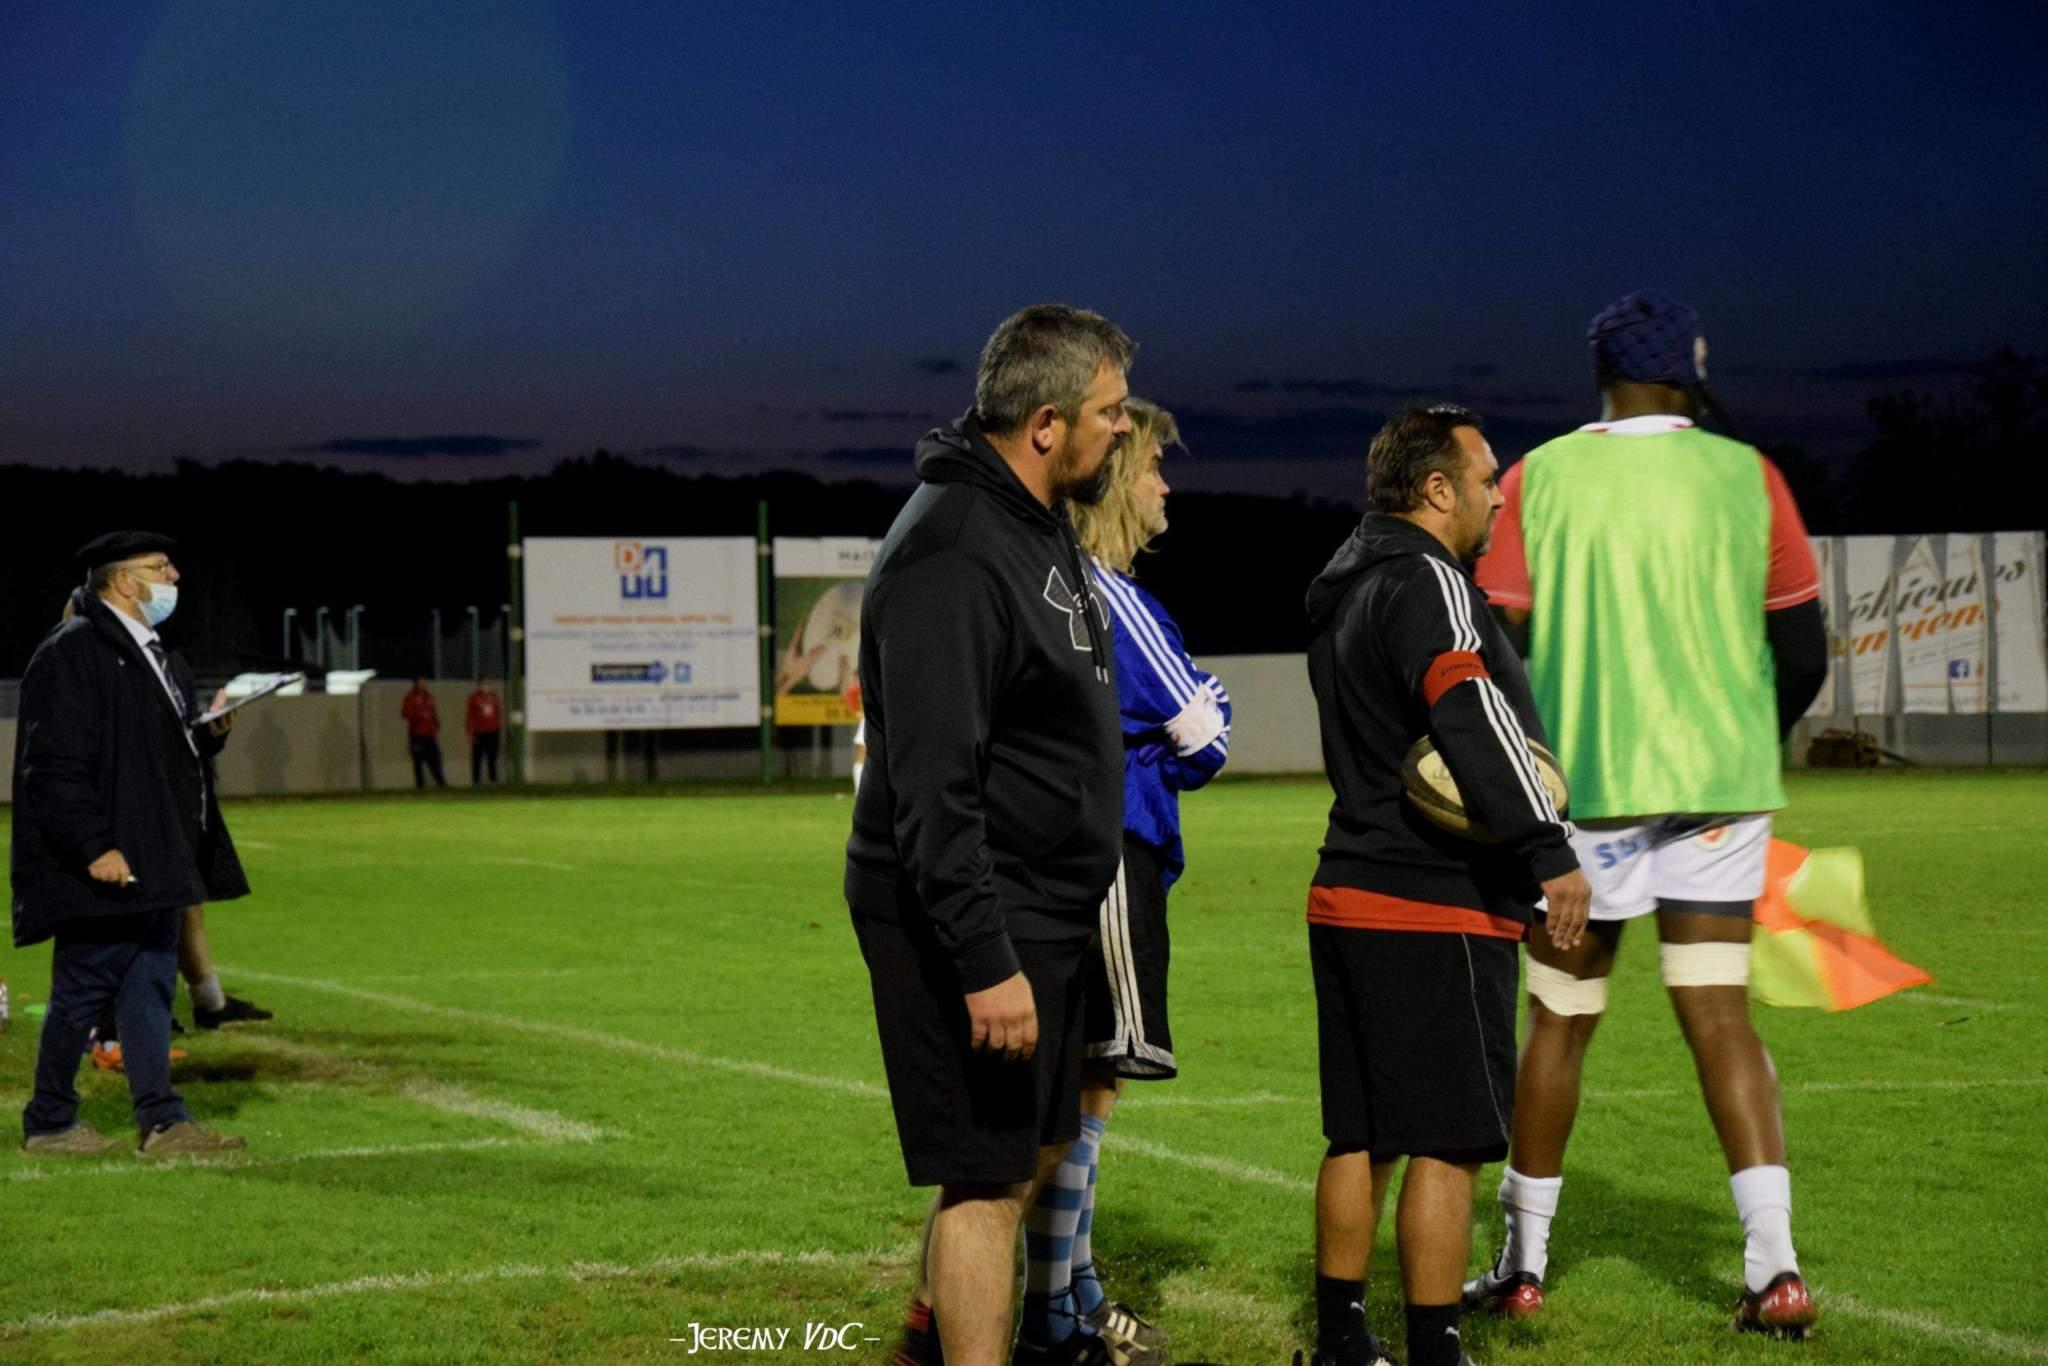 Vincent Wintrebert et Sam Dauba devraient être encore sur le banc des Gantiers (crédit photo Jeremy VdC)